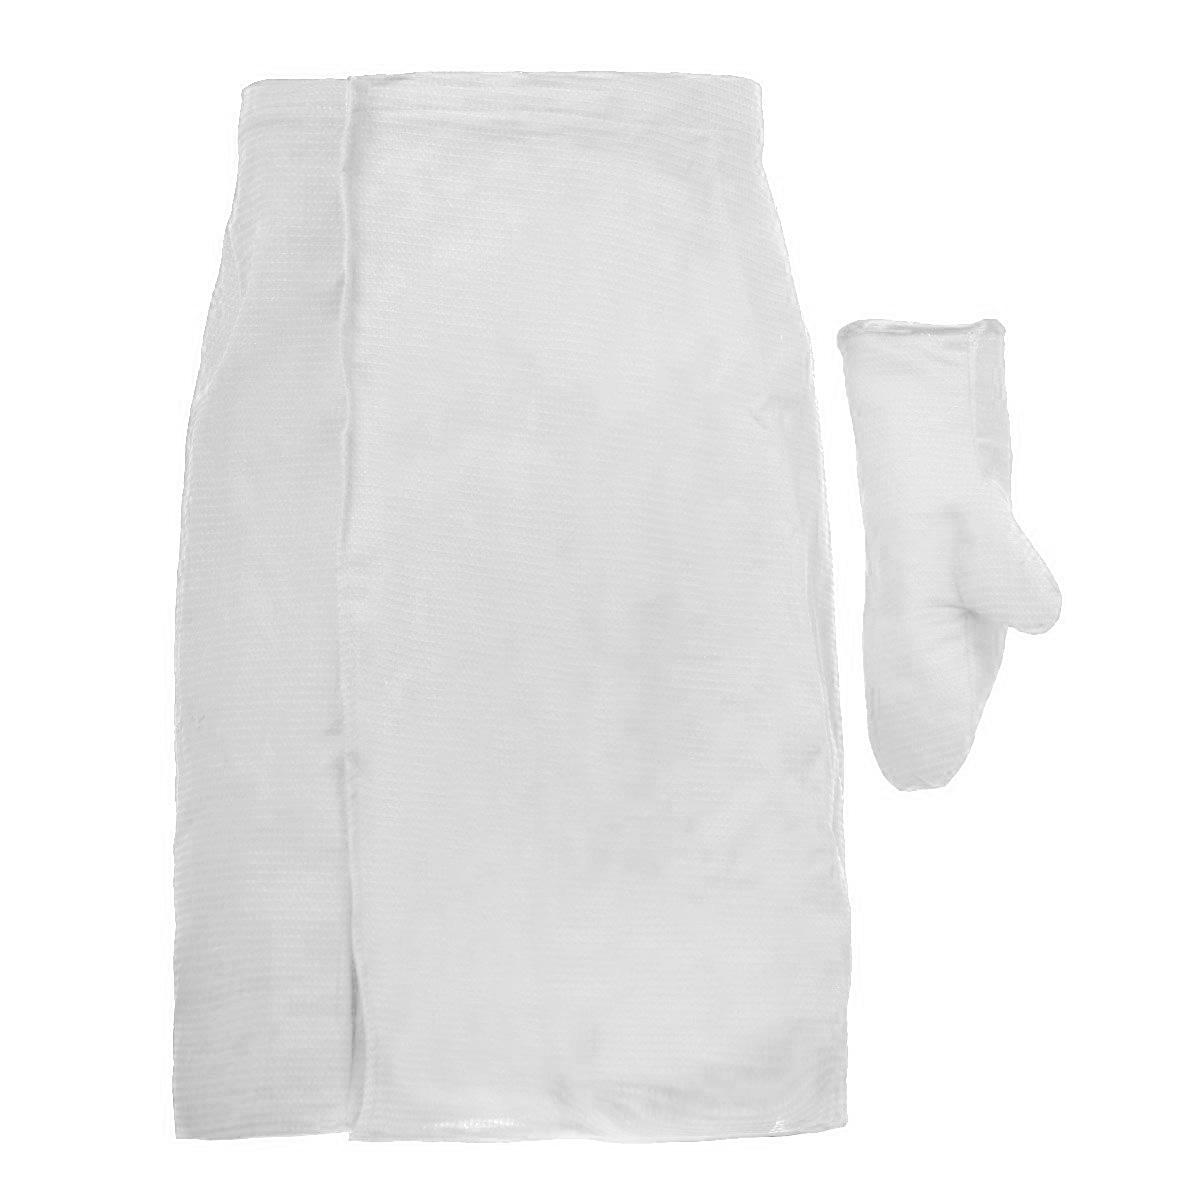 Комплект для бани  сауны Банные штучки, мужской, цвет: белый, 2 предмета. 32064